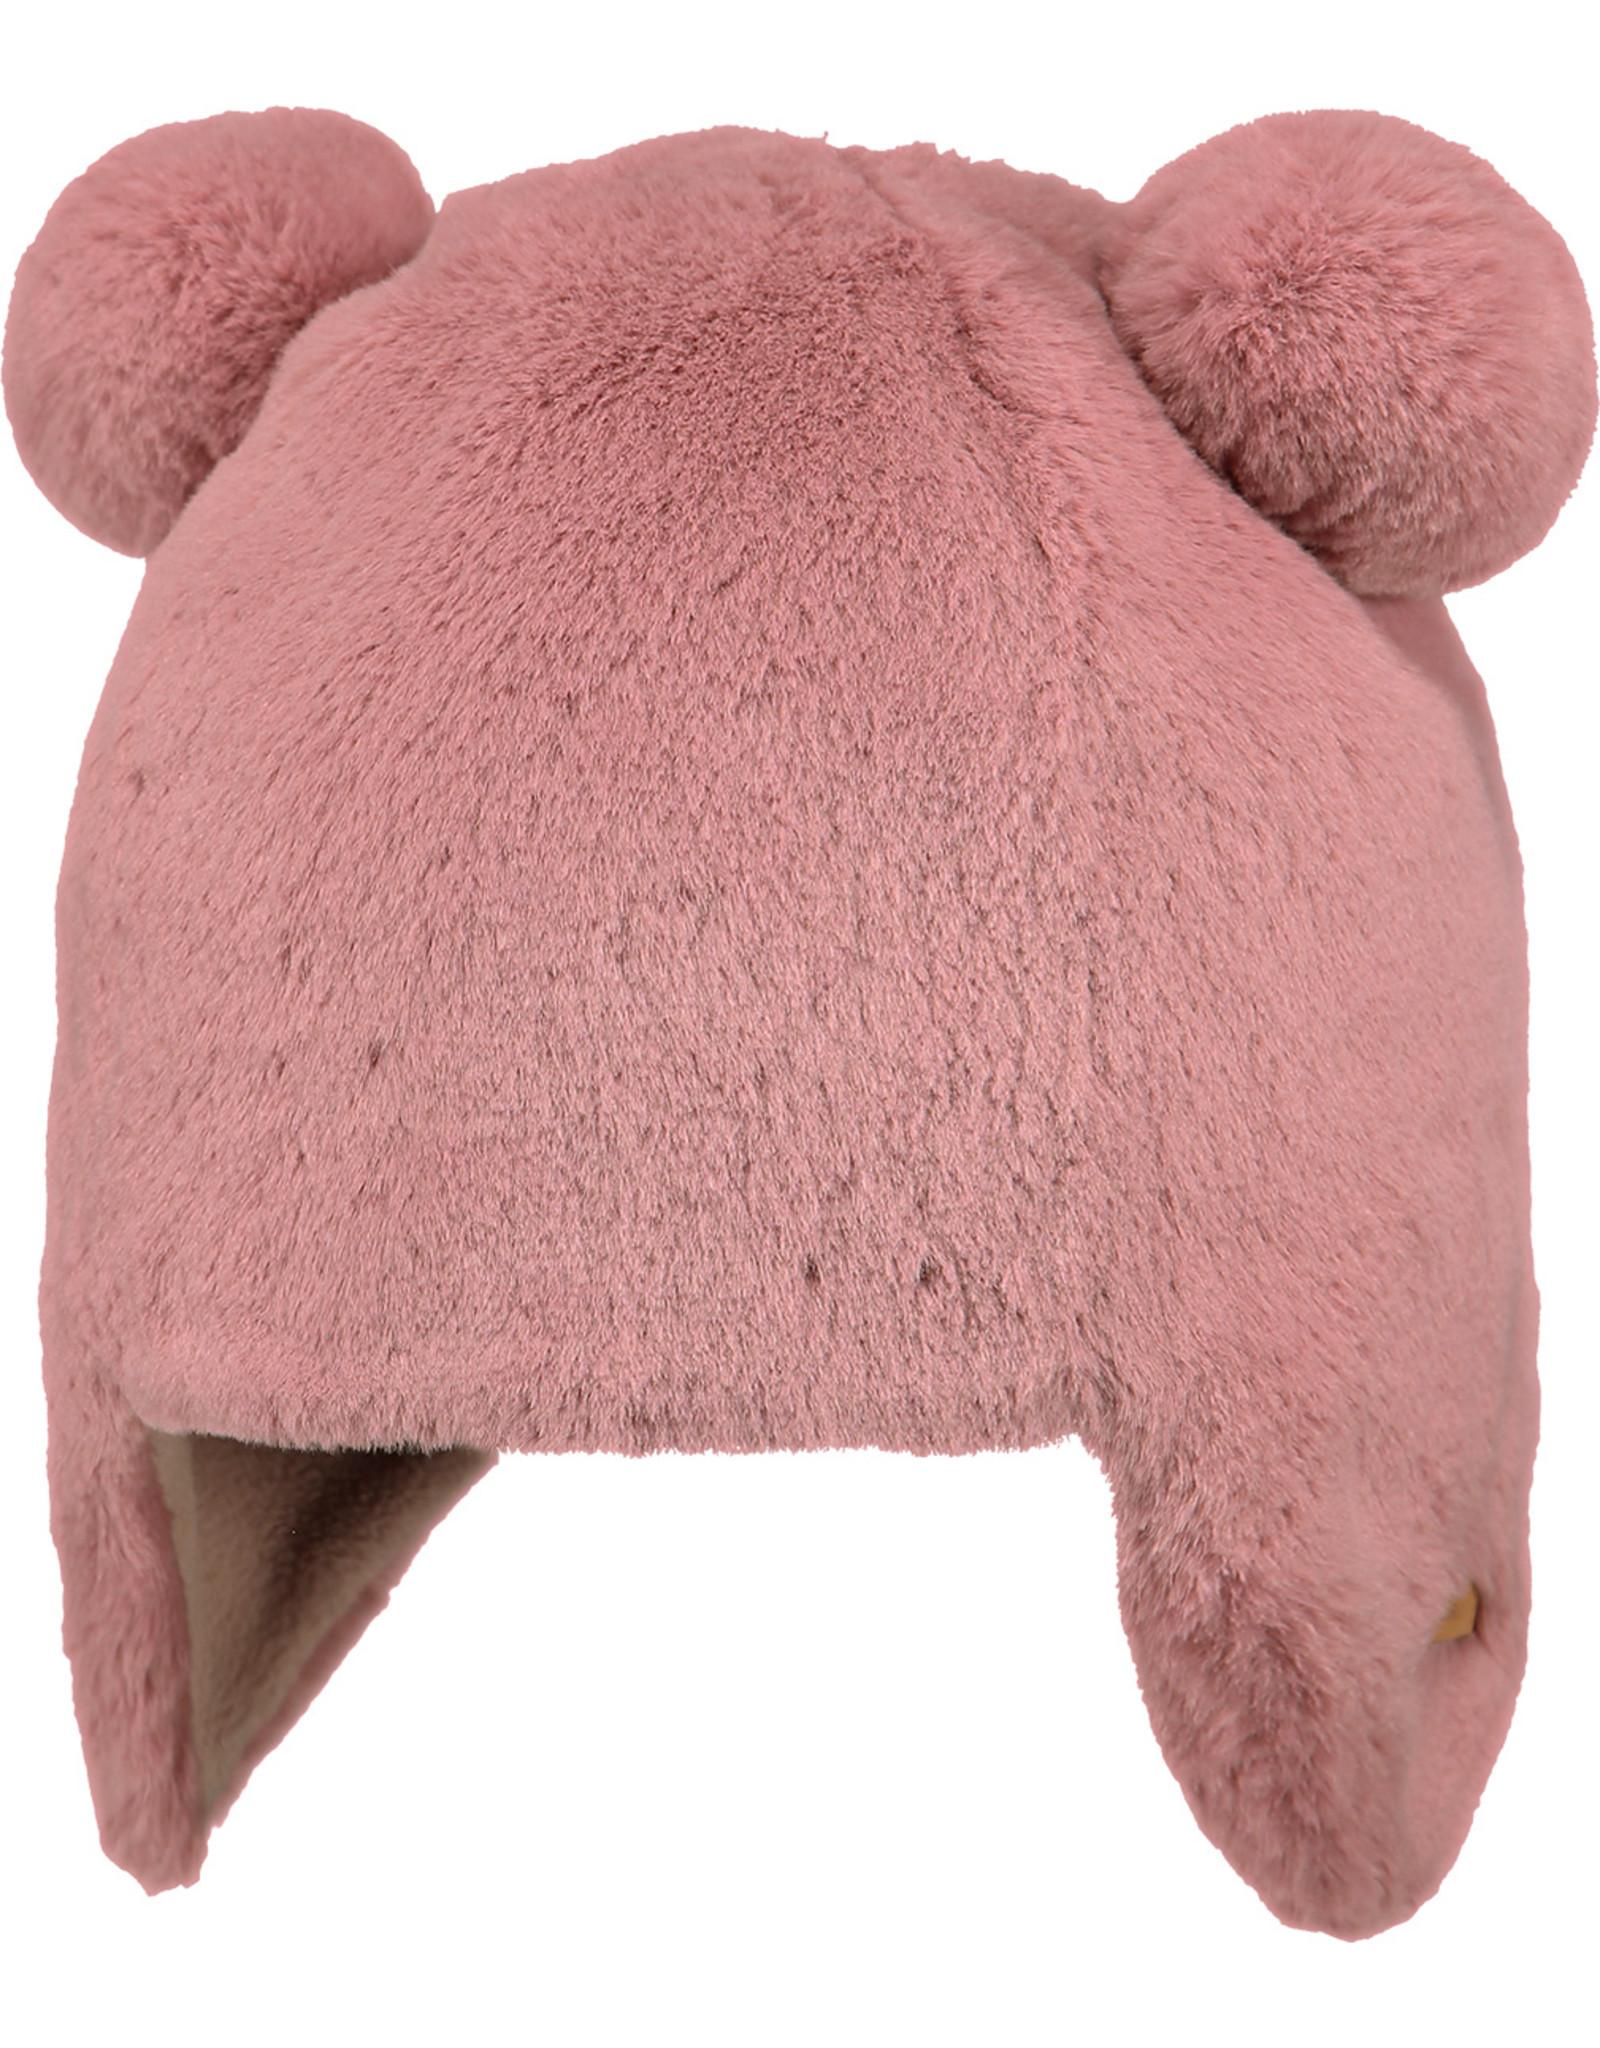 Barts Doozy Earflap, pink